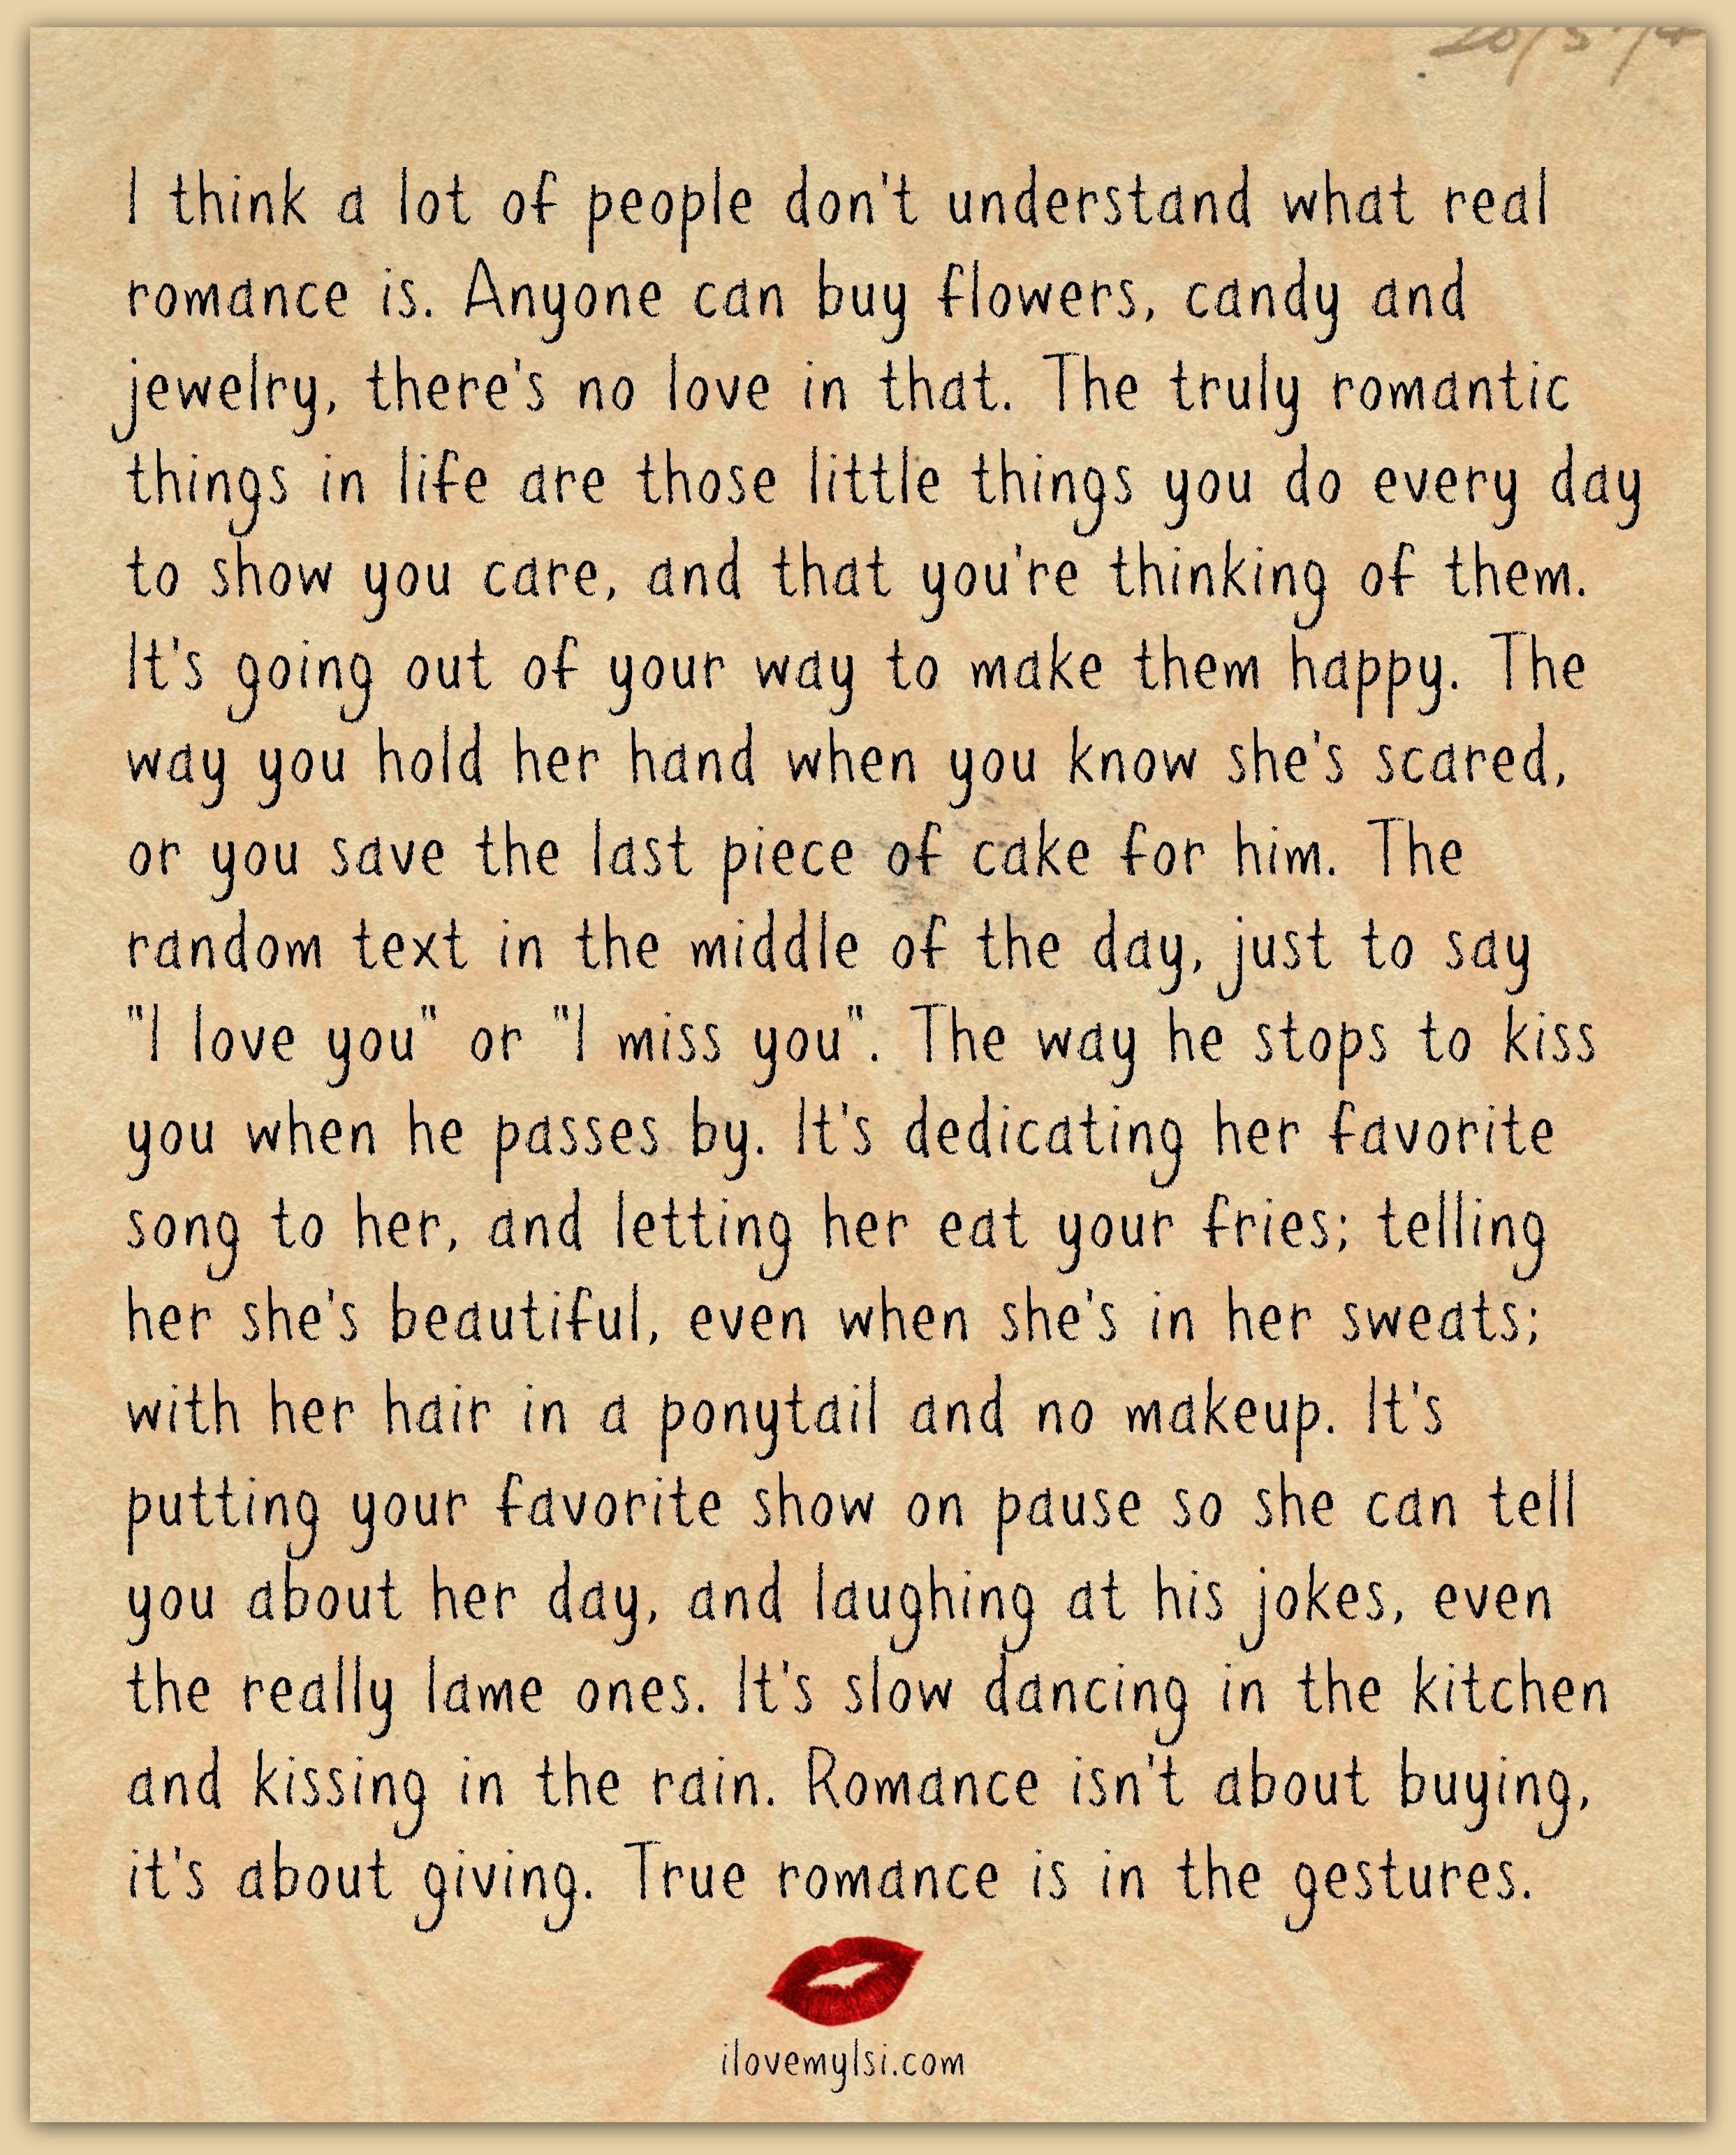 True Love Quotes Romantic: True Romance Is In Gestures.